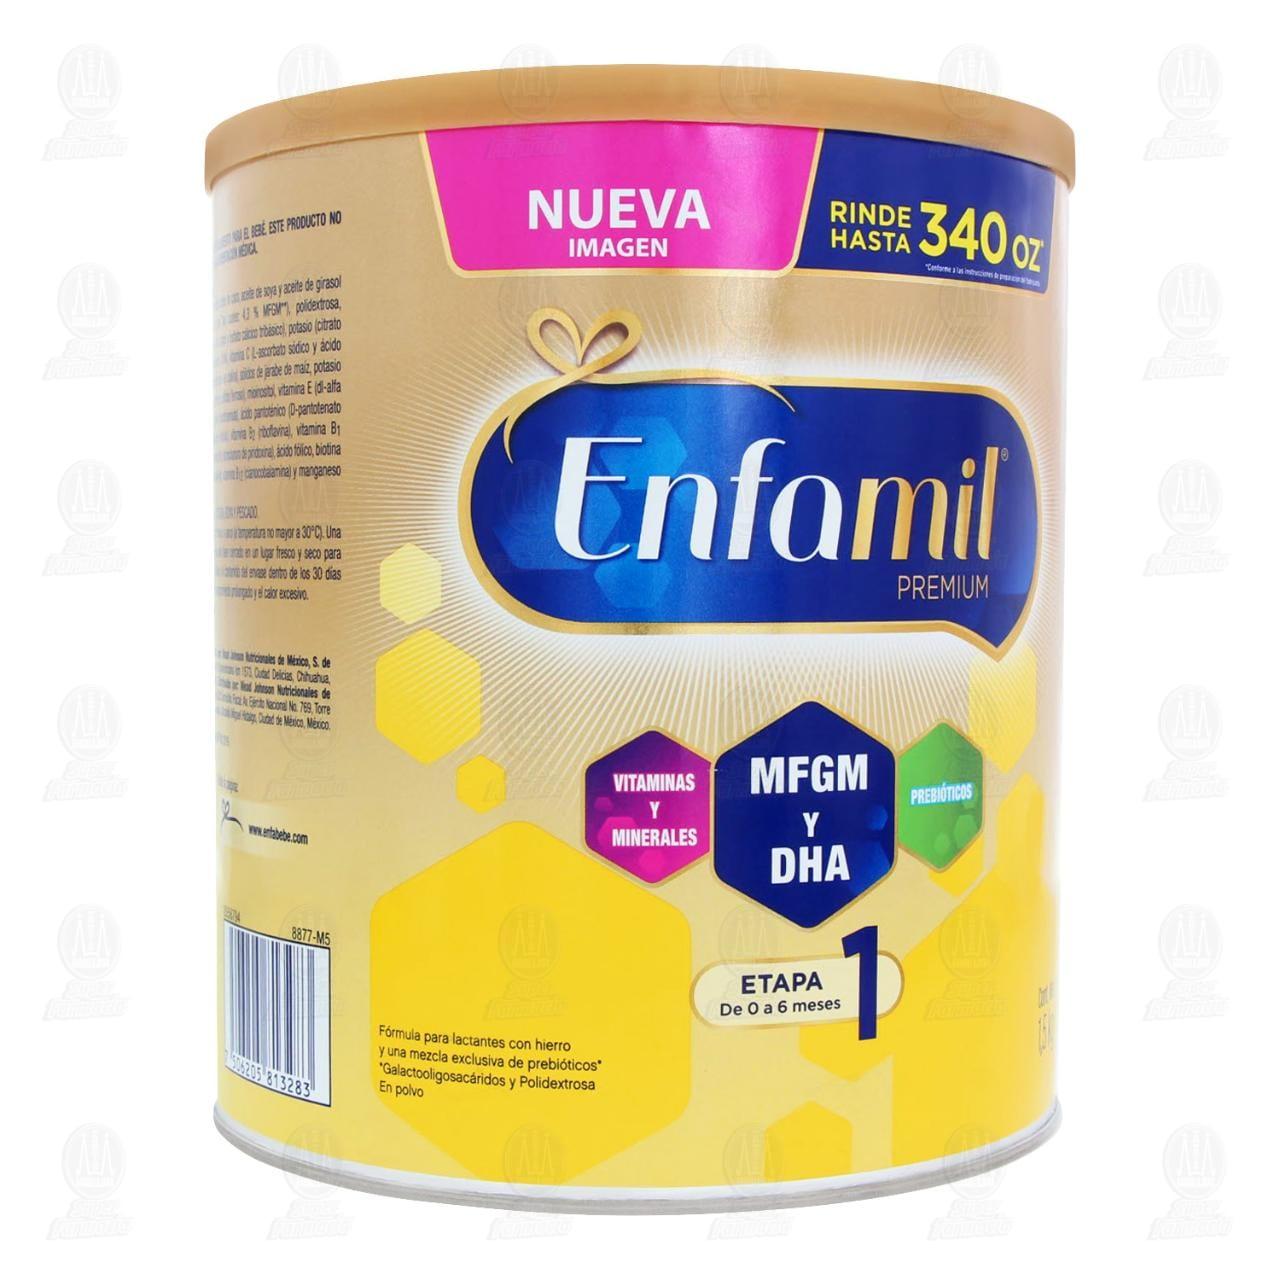 comprar https://www.movil.farmaciasguadalajara.com/wcsstore/FGCAS/wcs/products/1349074_A_1280_AL.jpg en farmacias guadalajara